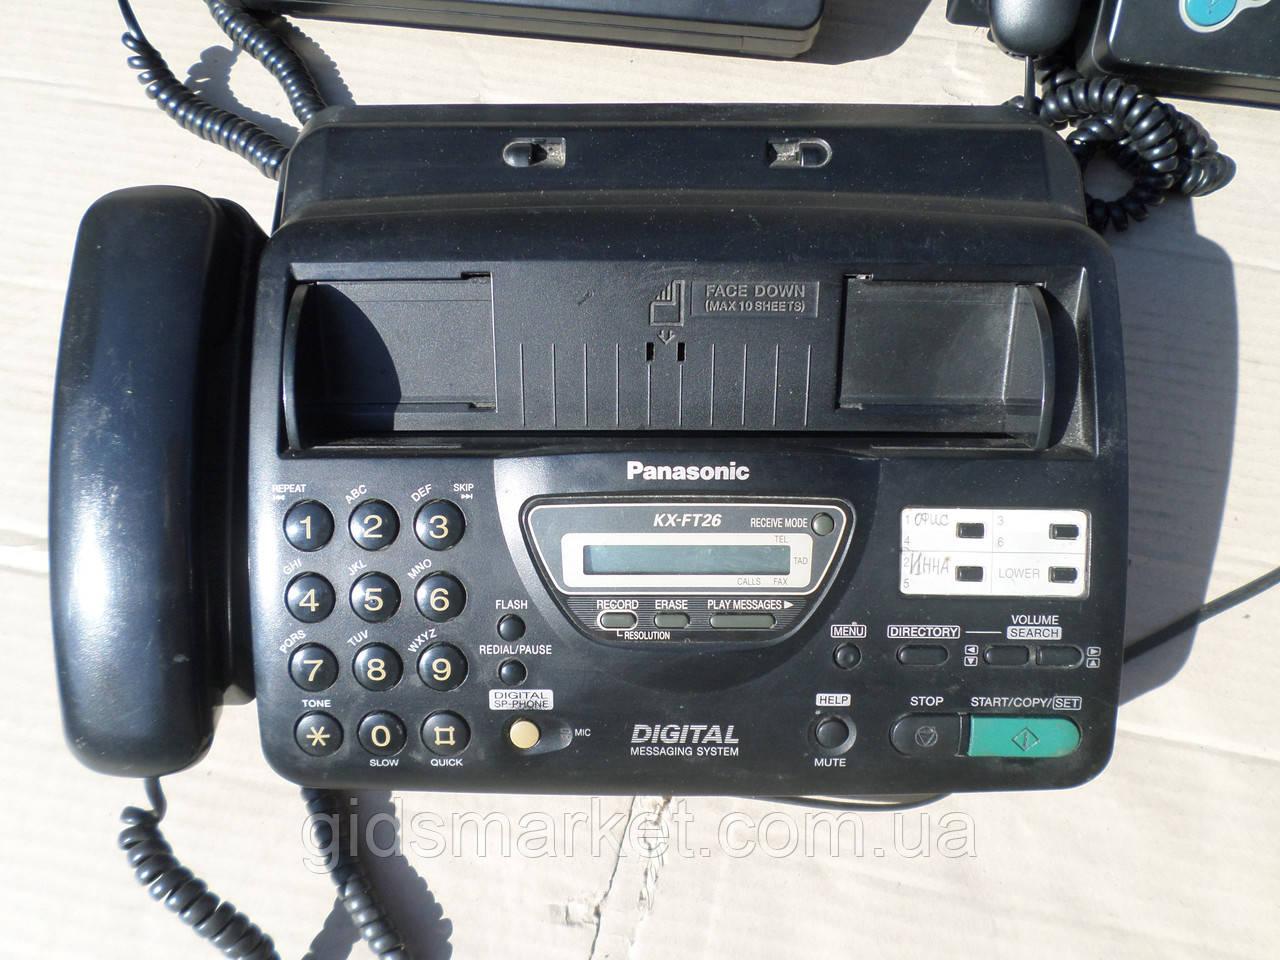 Факсы для бизнеса б у, факсимильный апарат б/у